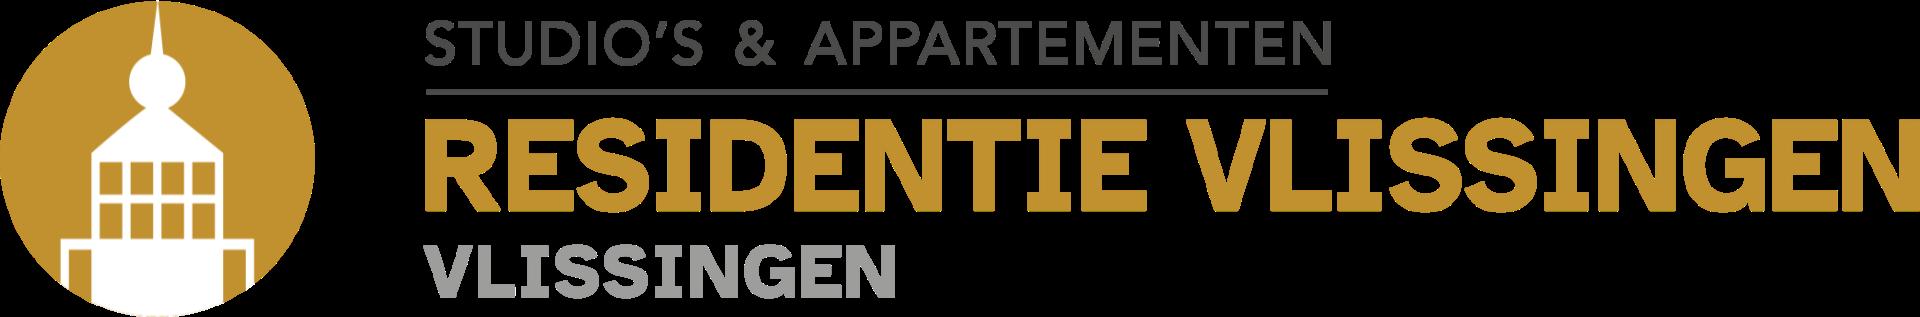 Residentie Vlissingen